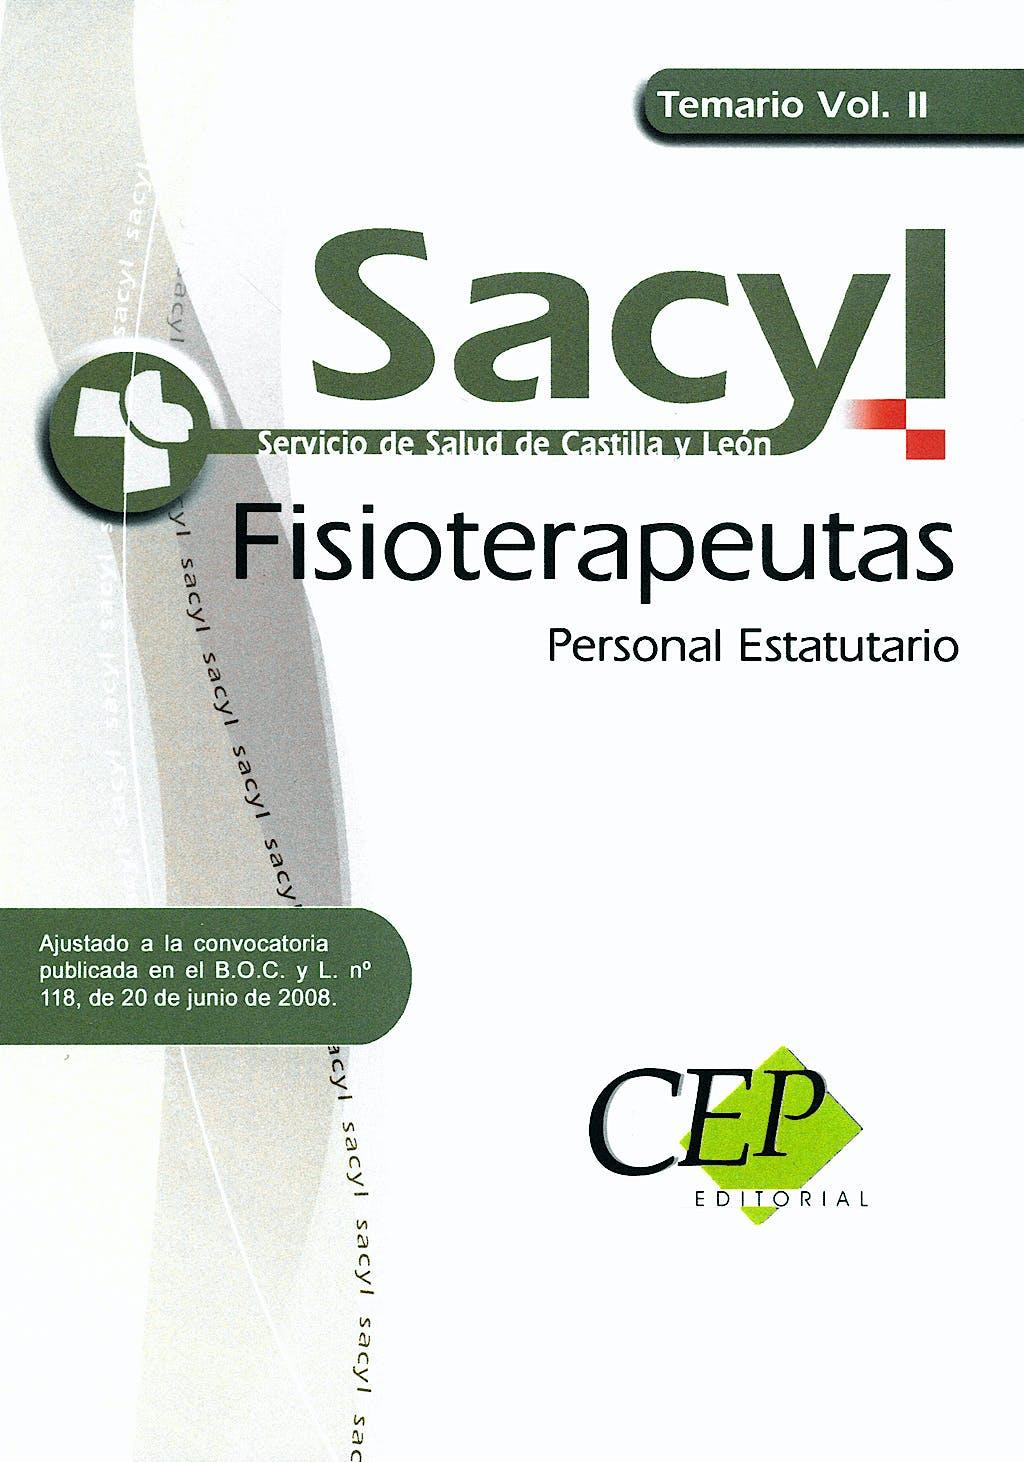 Portada del libro 9788498825398 Temario Vol Ii - Fisioterapeutas, Personal Estatutario Sacyl